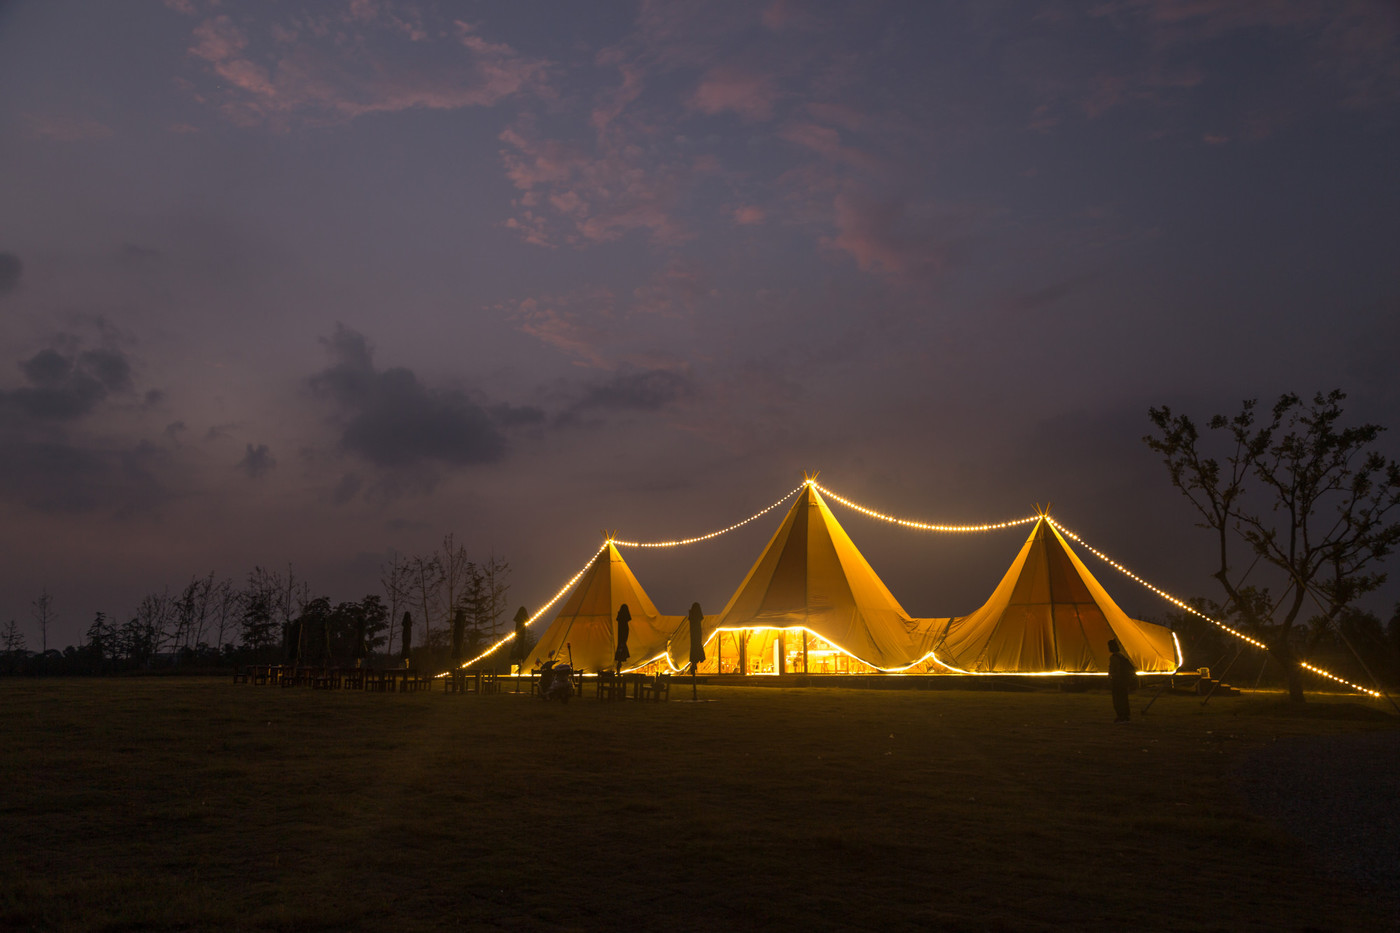 喜马拉雅印第安多功能大厅—淮安白马湖生态旅游度假区19